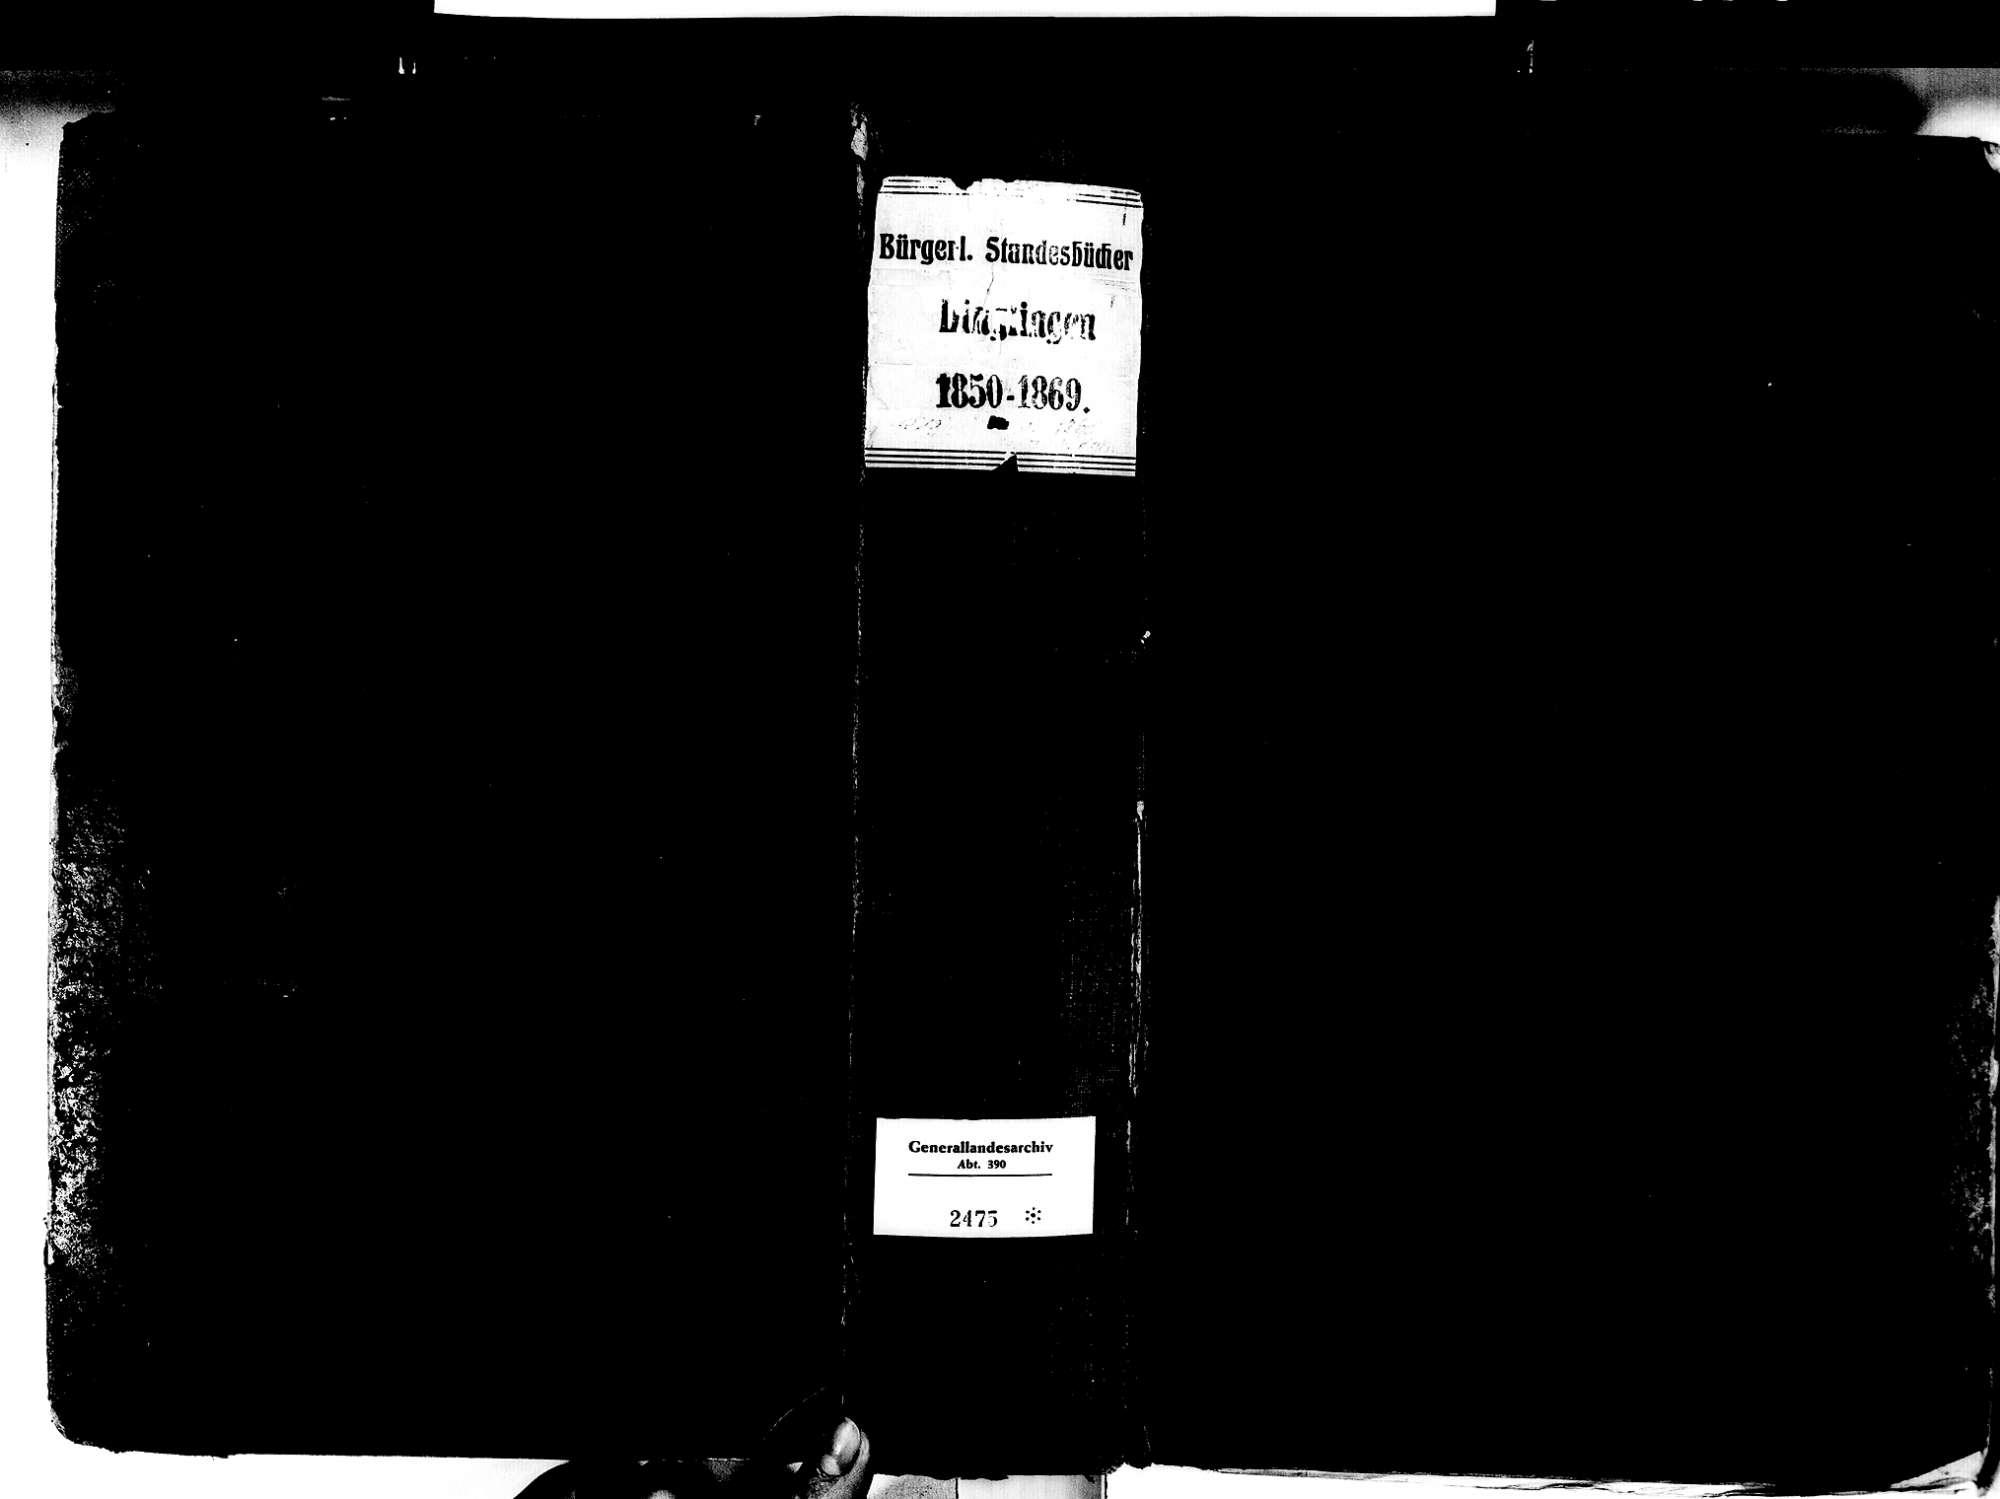 Dinglingen aufgegangen in Lahr im Schwarzwald OG; Evangelische Gemeinde: Standesbuch 1850-1869 Dinglingen aufgegangen in Lahr im Schwarzwald OG; Katholische Gemeinde: Standesbuch 1863-1869, Bild 2